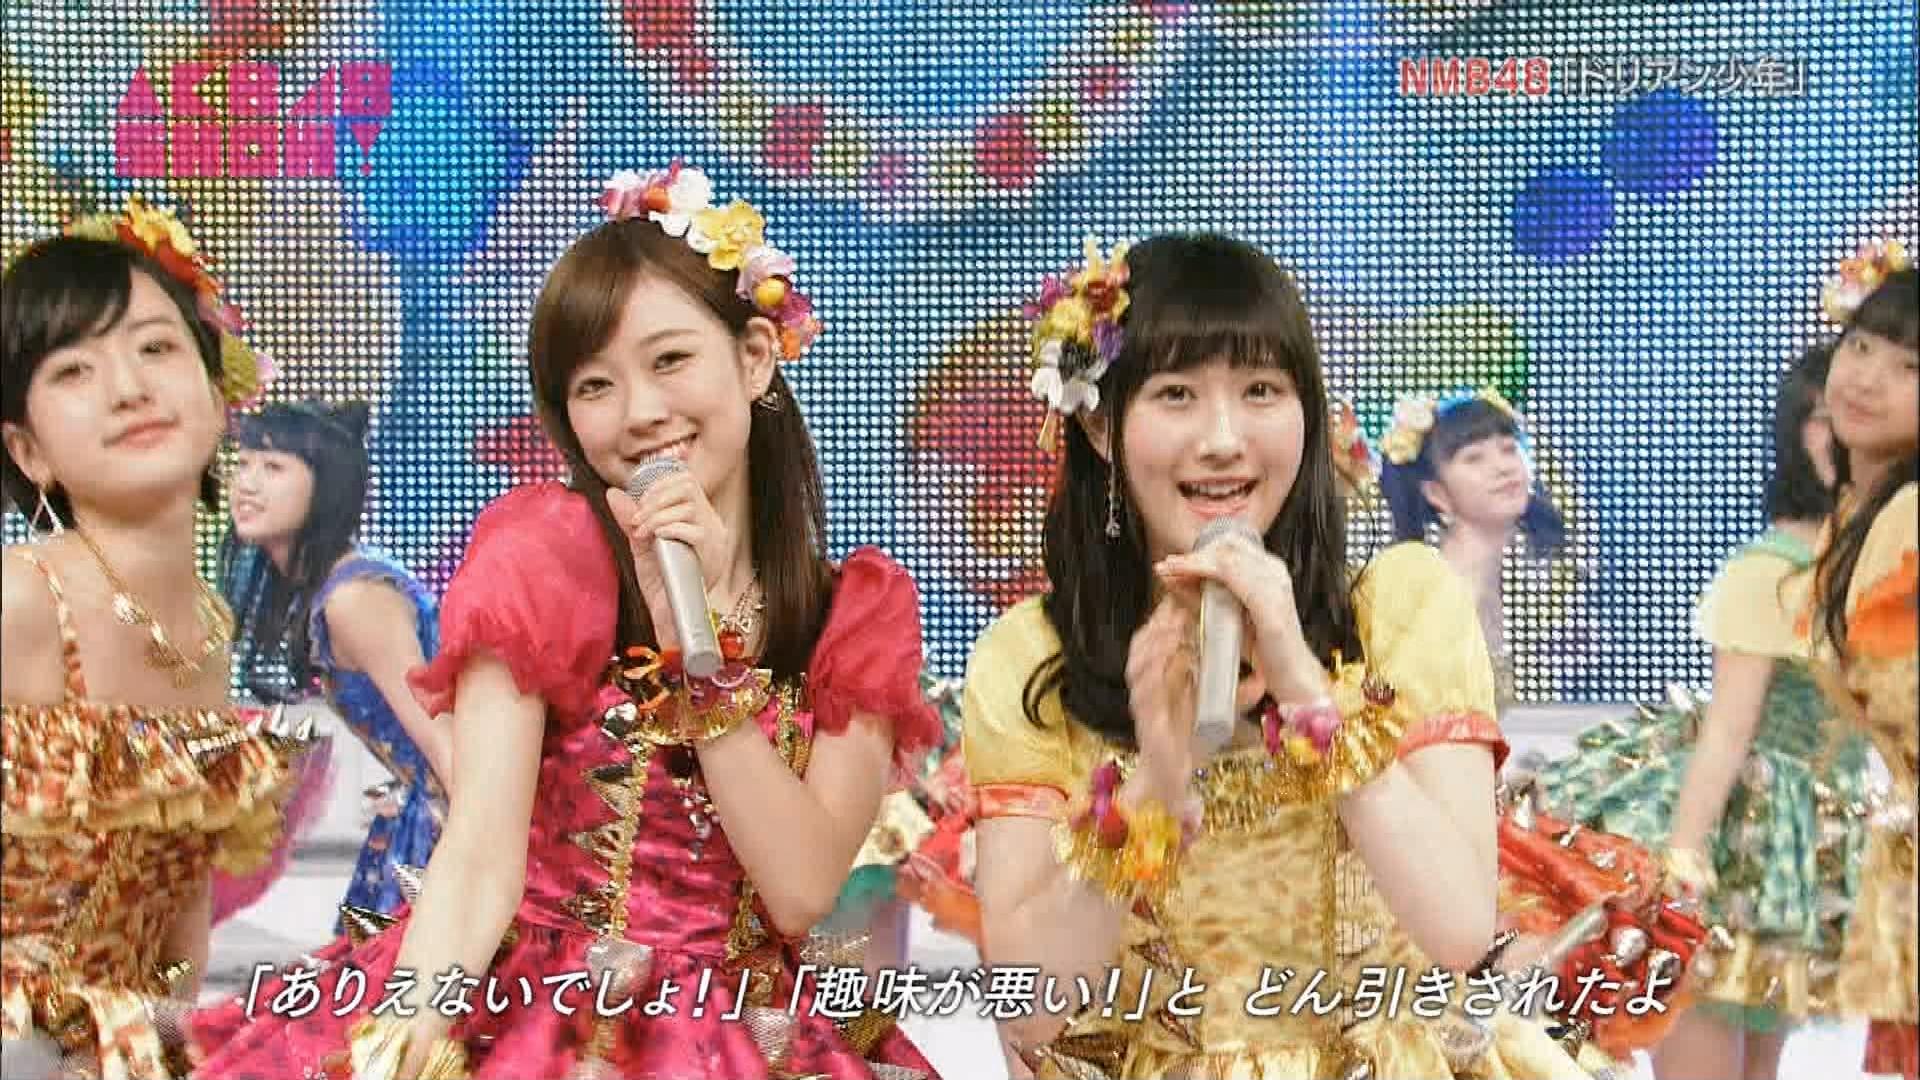 矢倉楓子 NMB48ドリアン少年 AKB48SHOW20150613 (1)